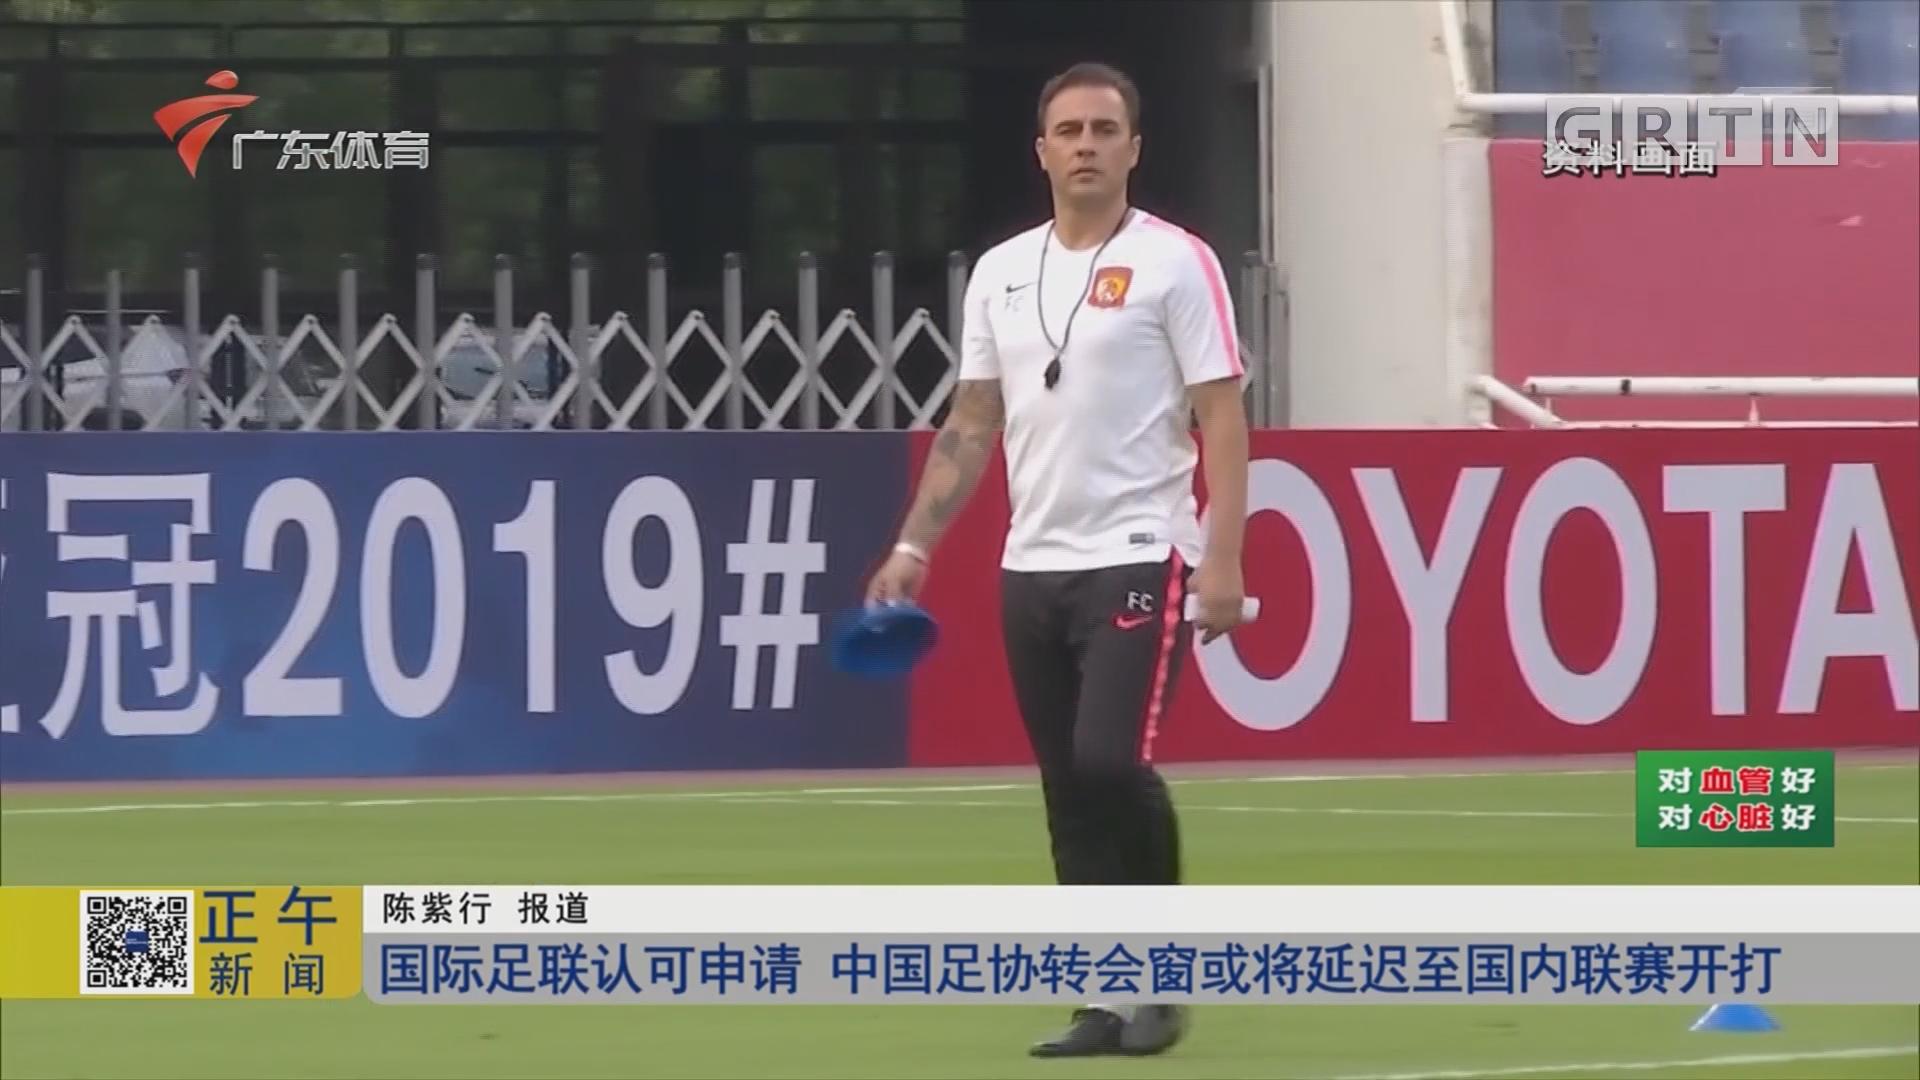 國際足聯認可申請 中國足協轉會窗或將延遲至國內聯賽開打